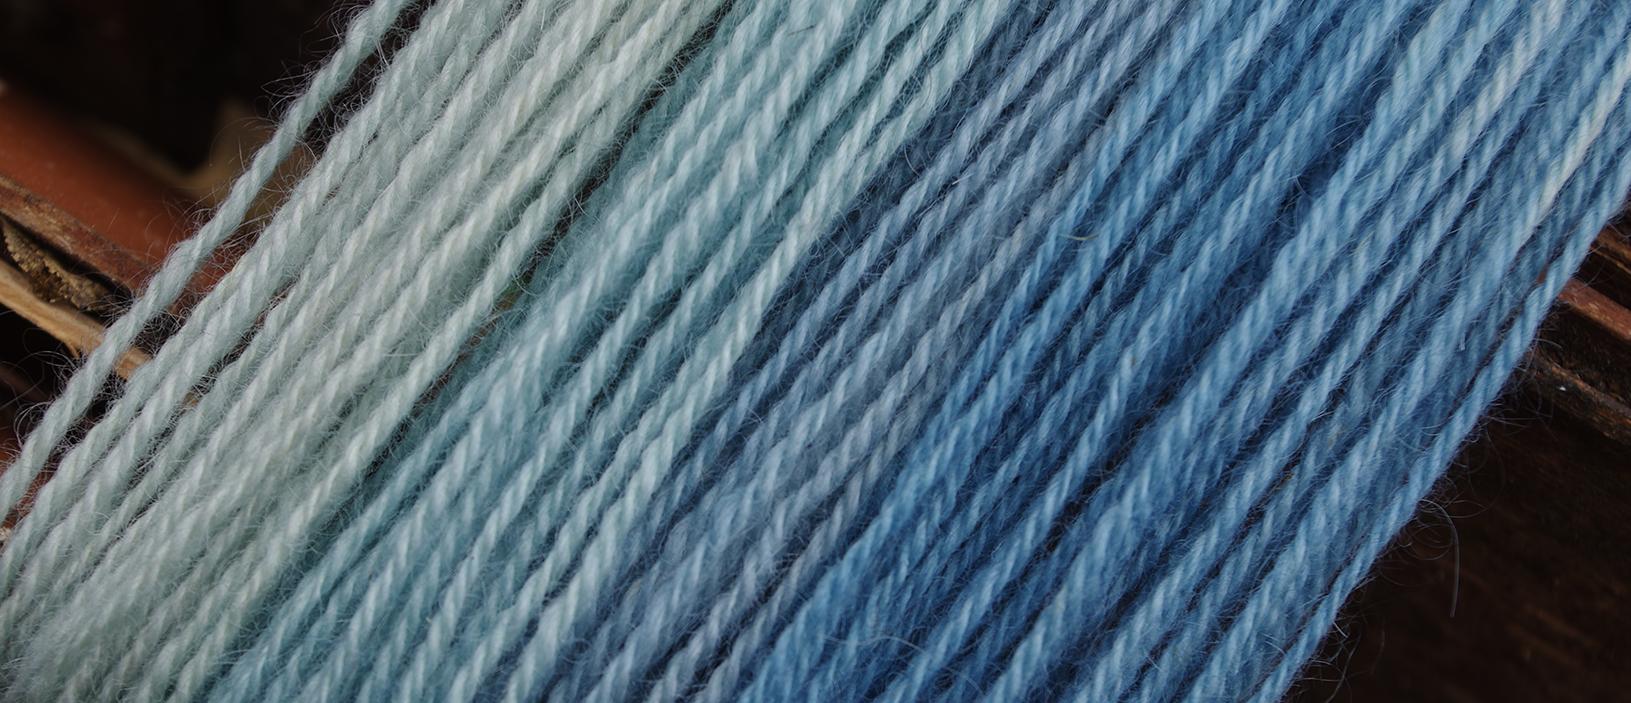 Indigo dyed wool